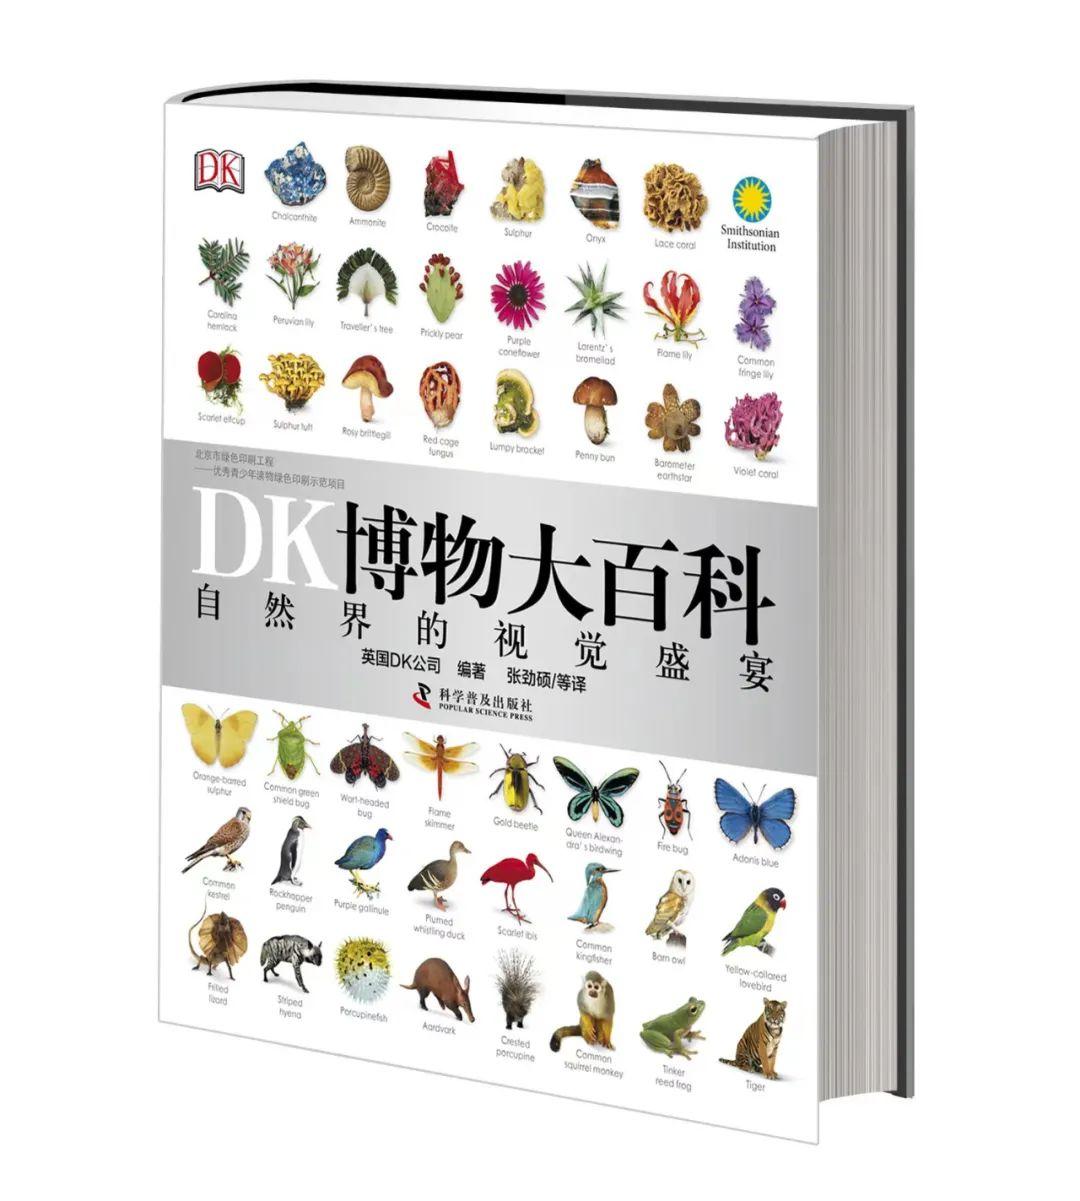 一直被模仿,为什么DK就是无法被超越?-出版人杂志官网